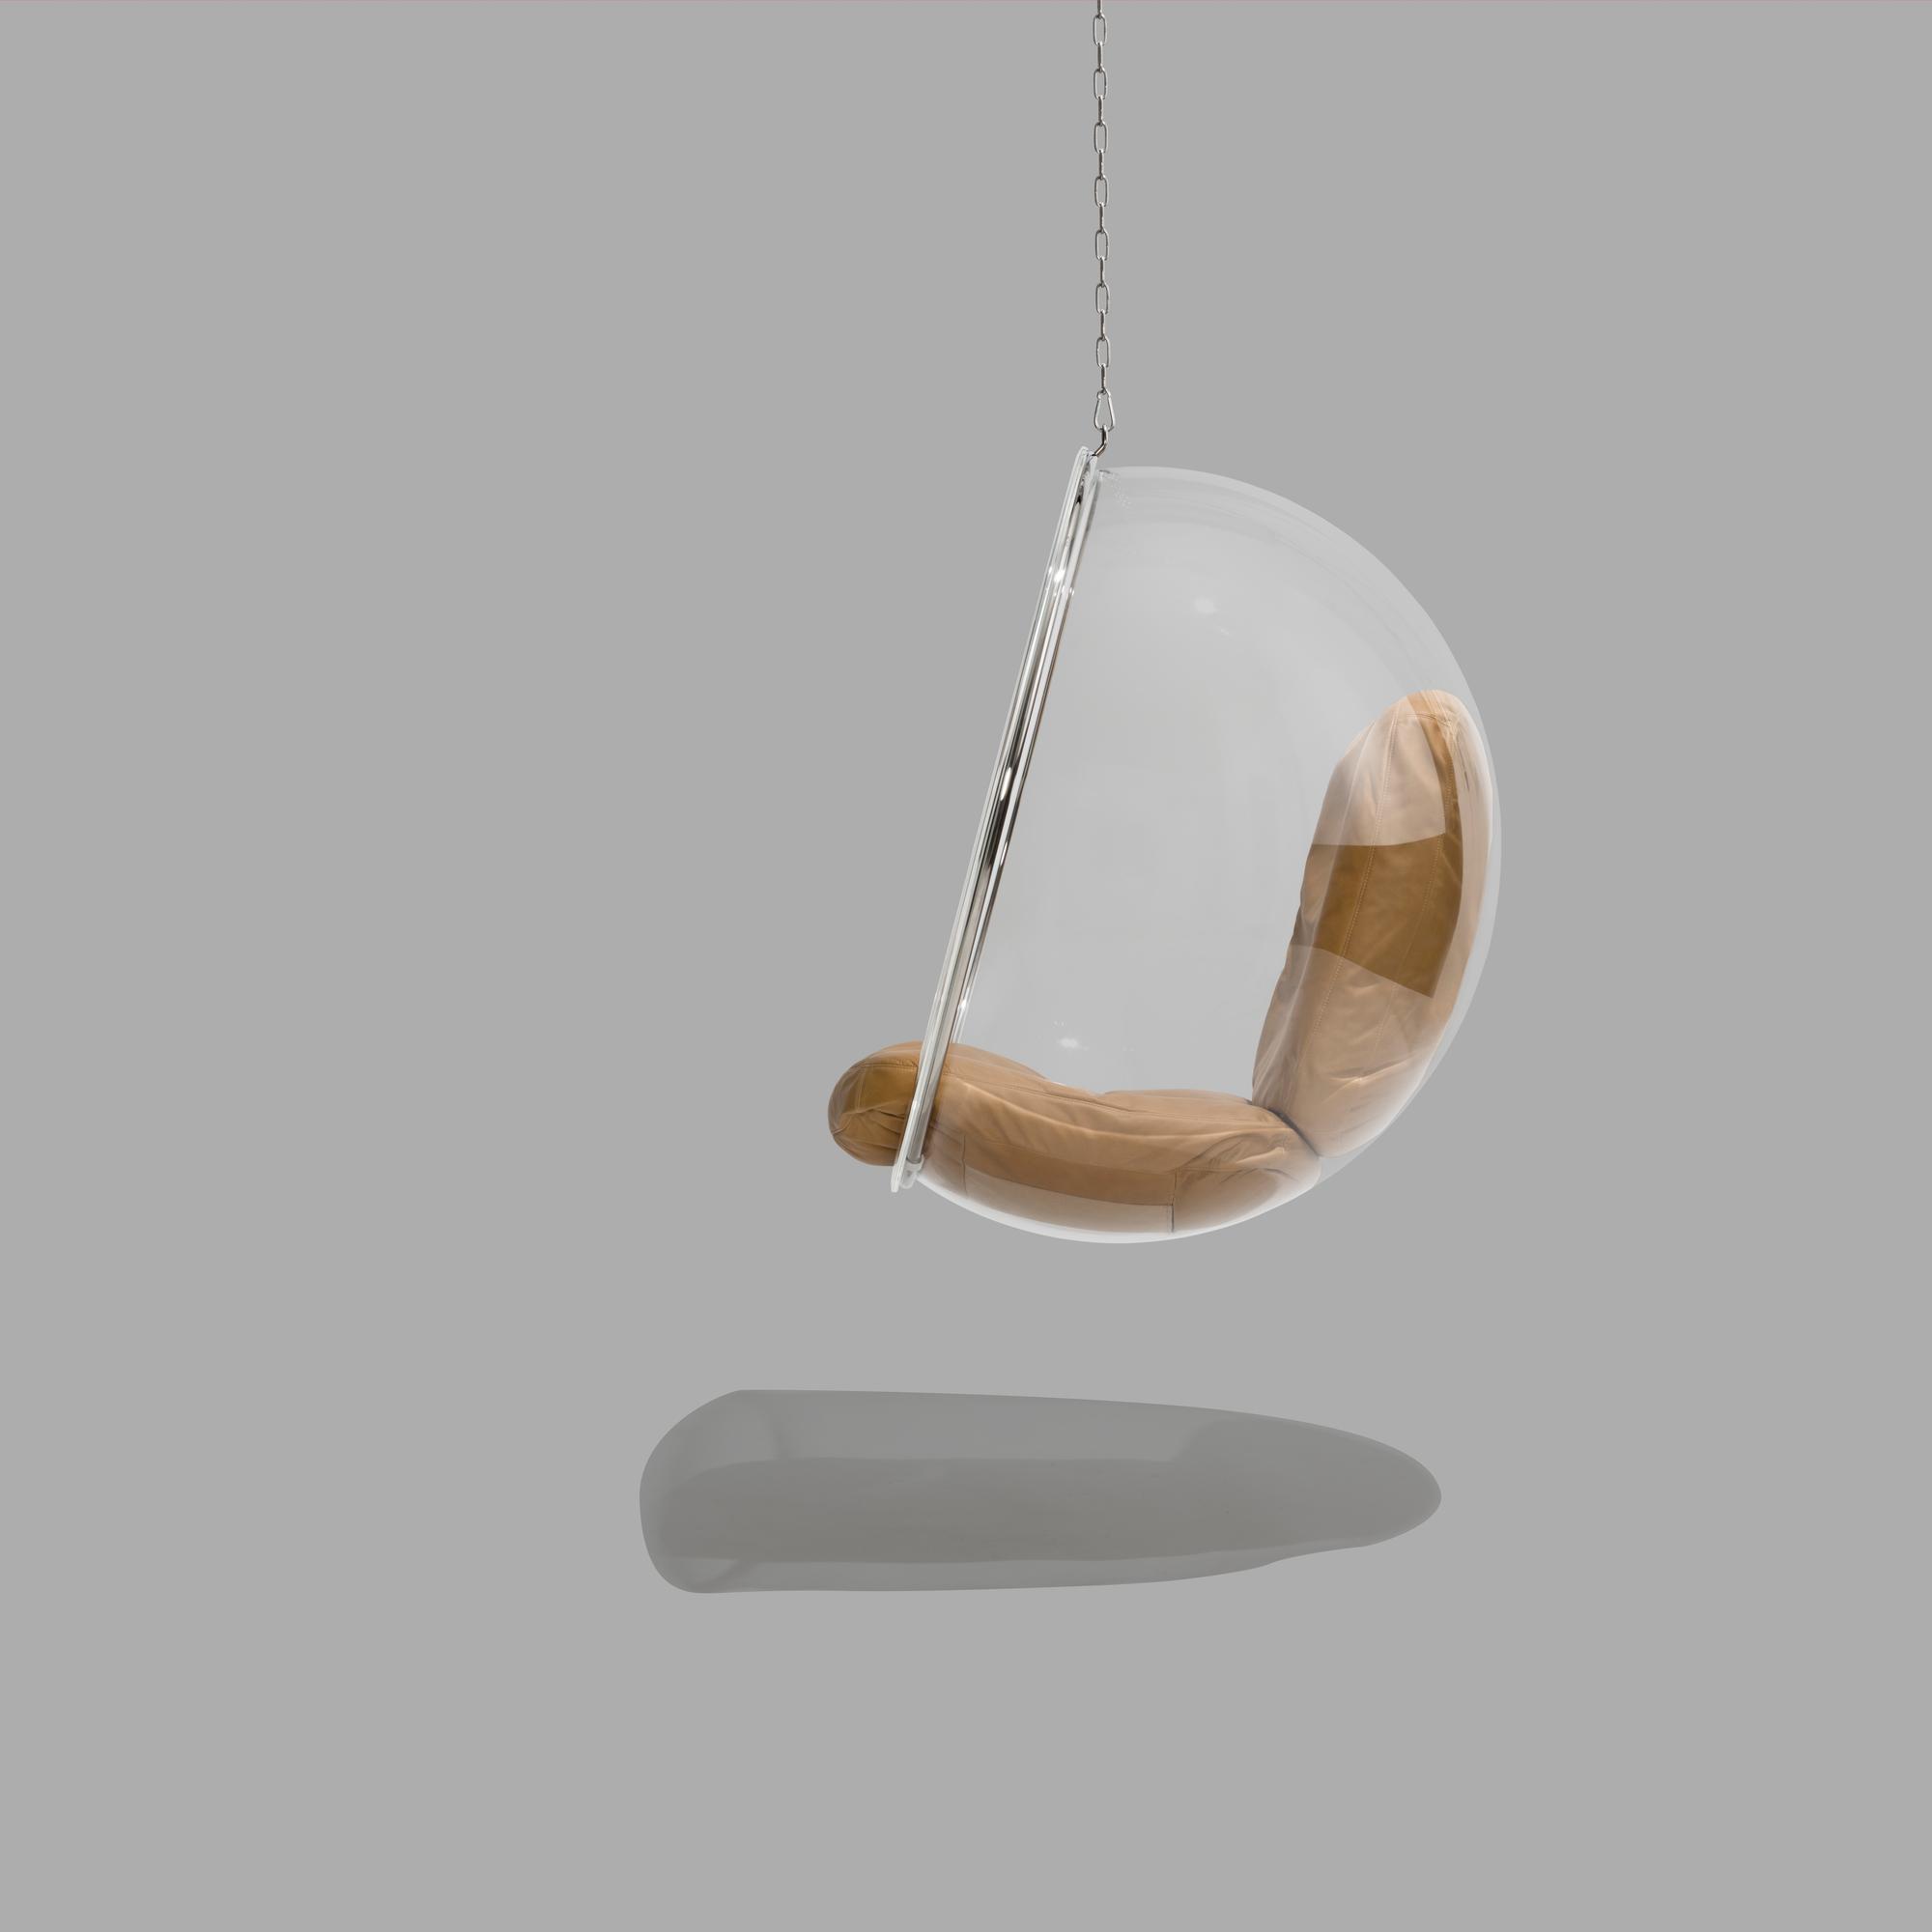 Bubble hanging chair Eero Aarnio Originals